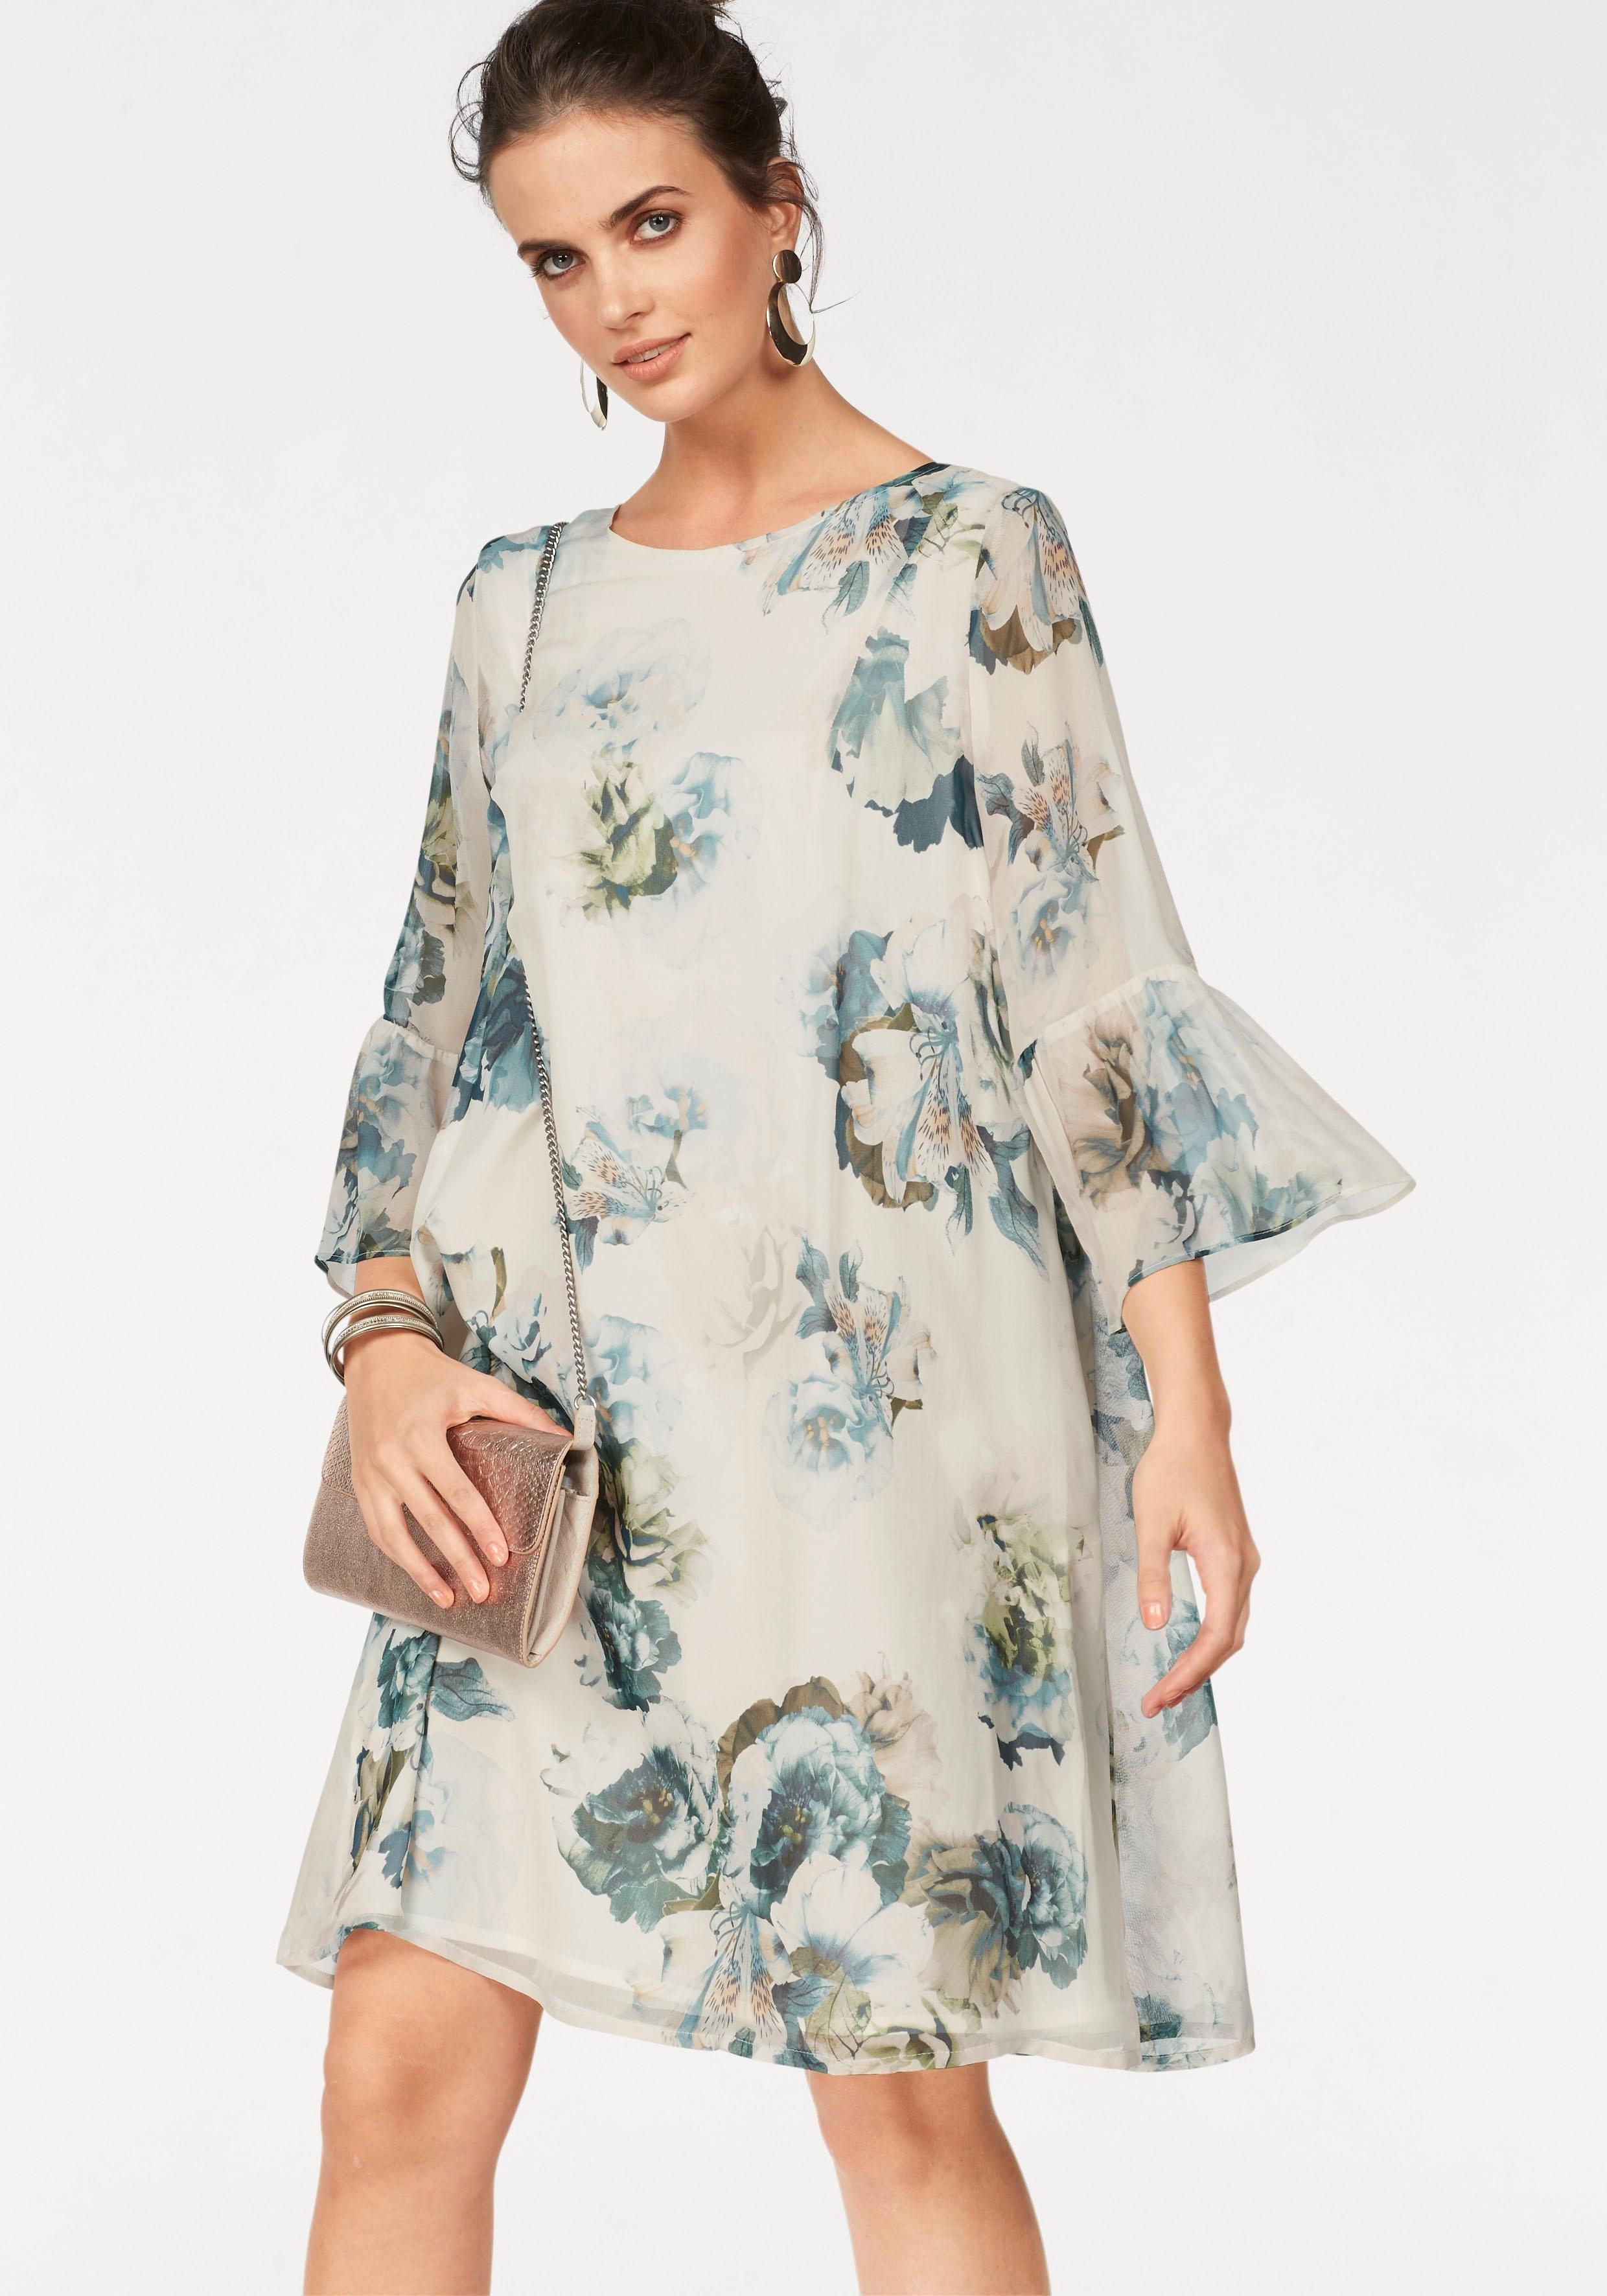 Claire Woman gedessineerde jurk voordelig en veilig online kopen